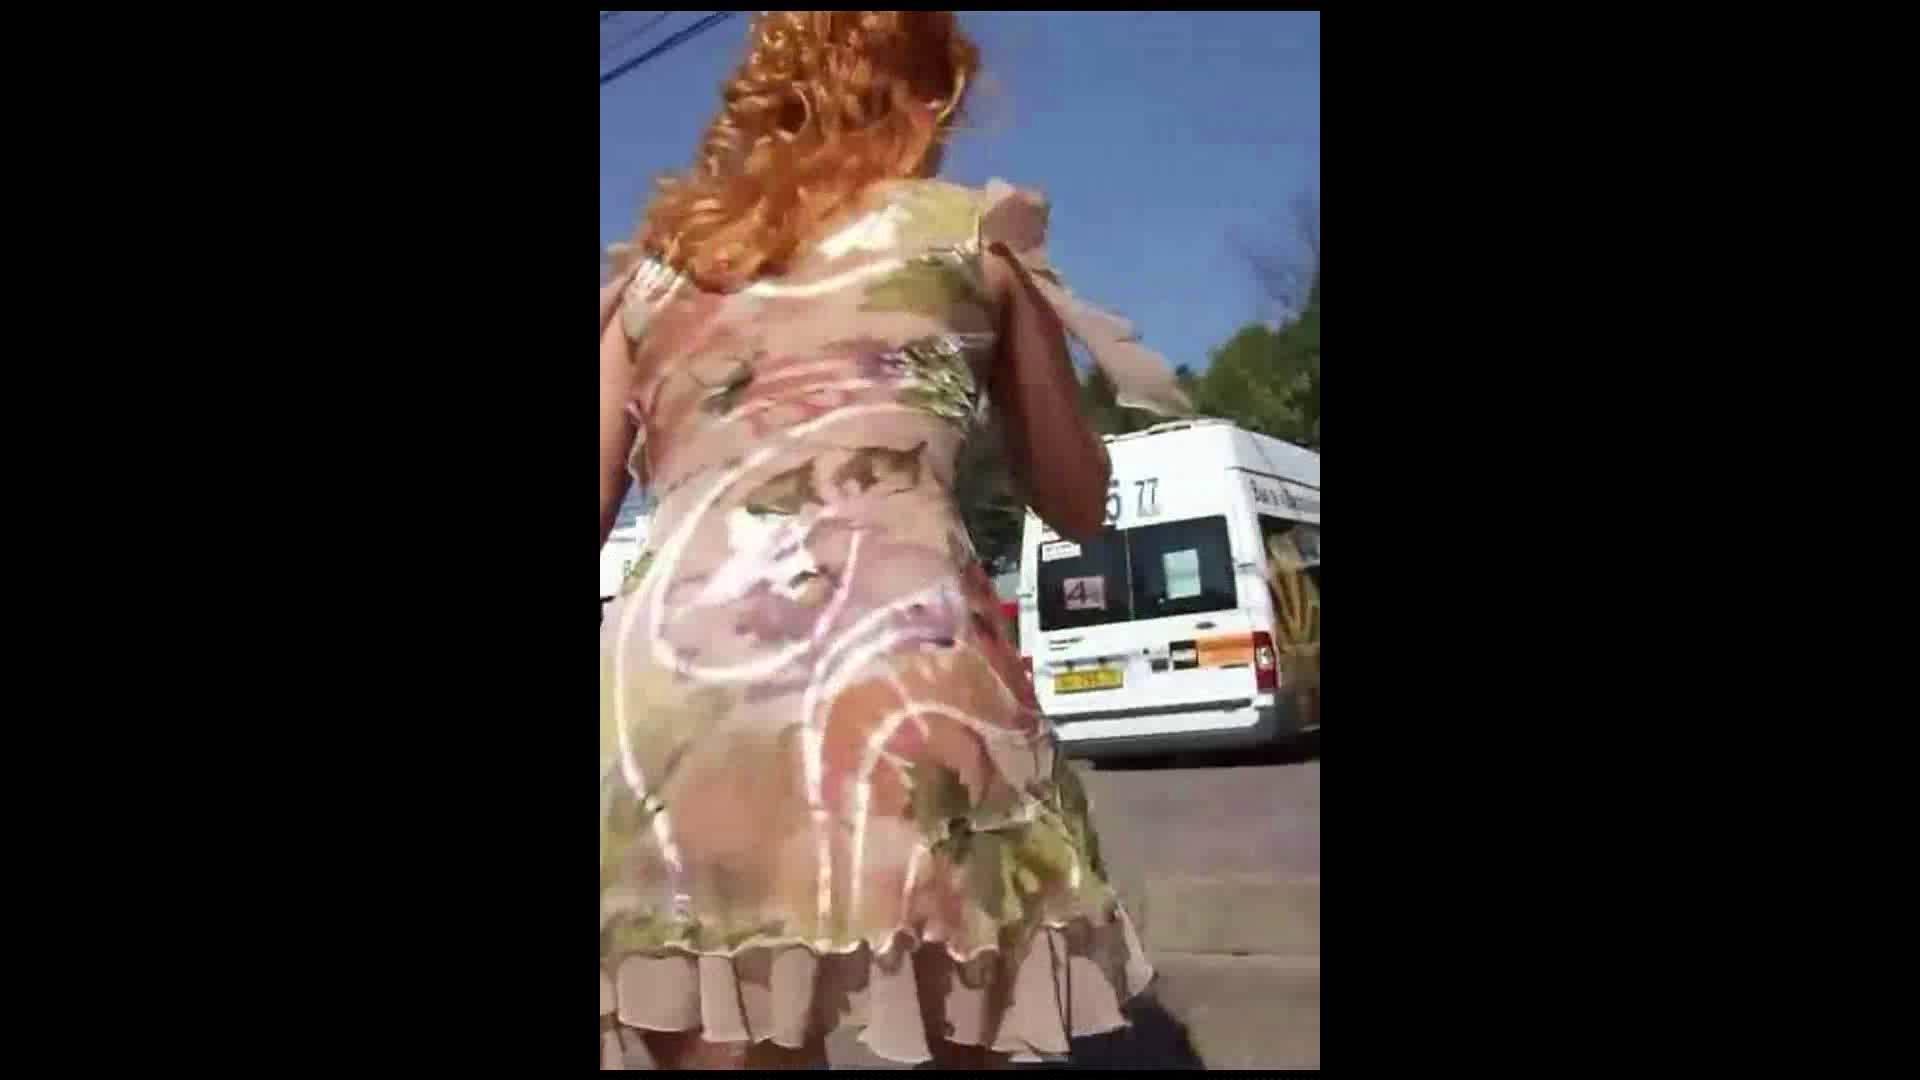 綺麗なモデルさんのスカート捲っちゃおう‼vol03 お姉さん   0  110画像 66